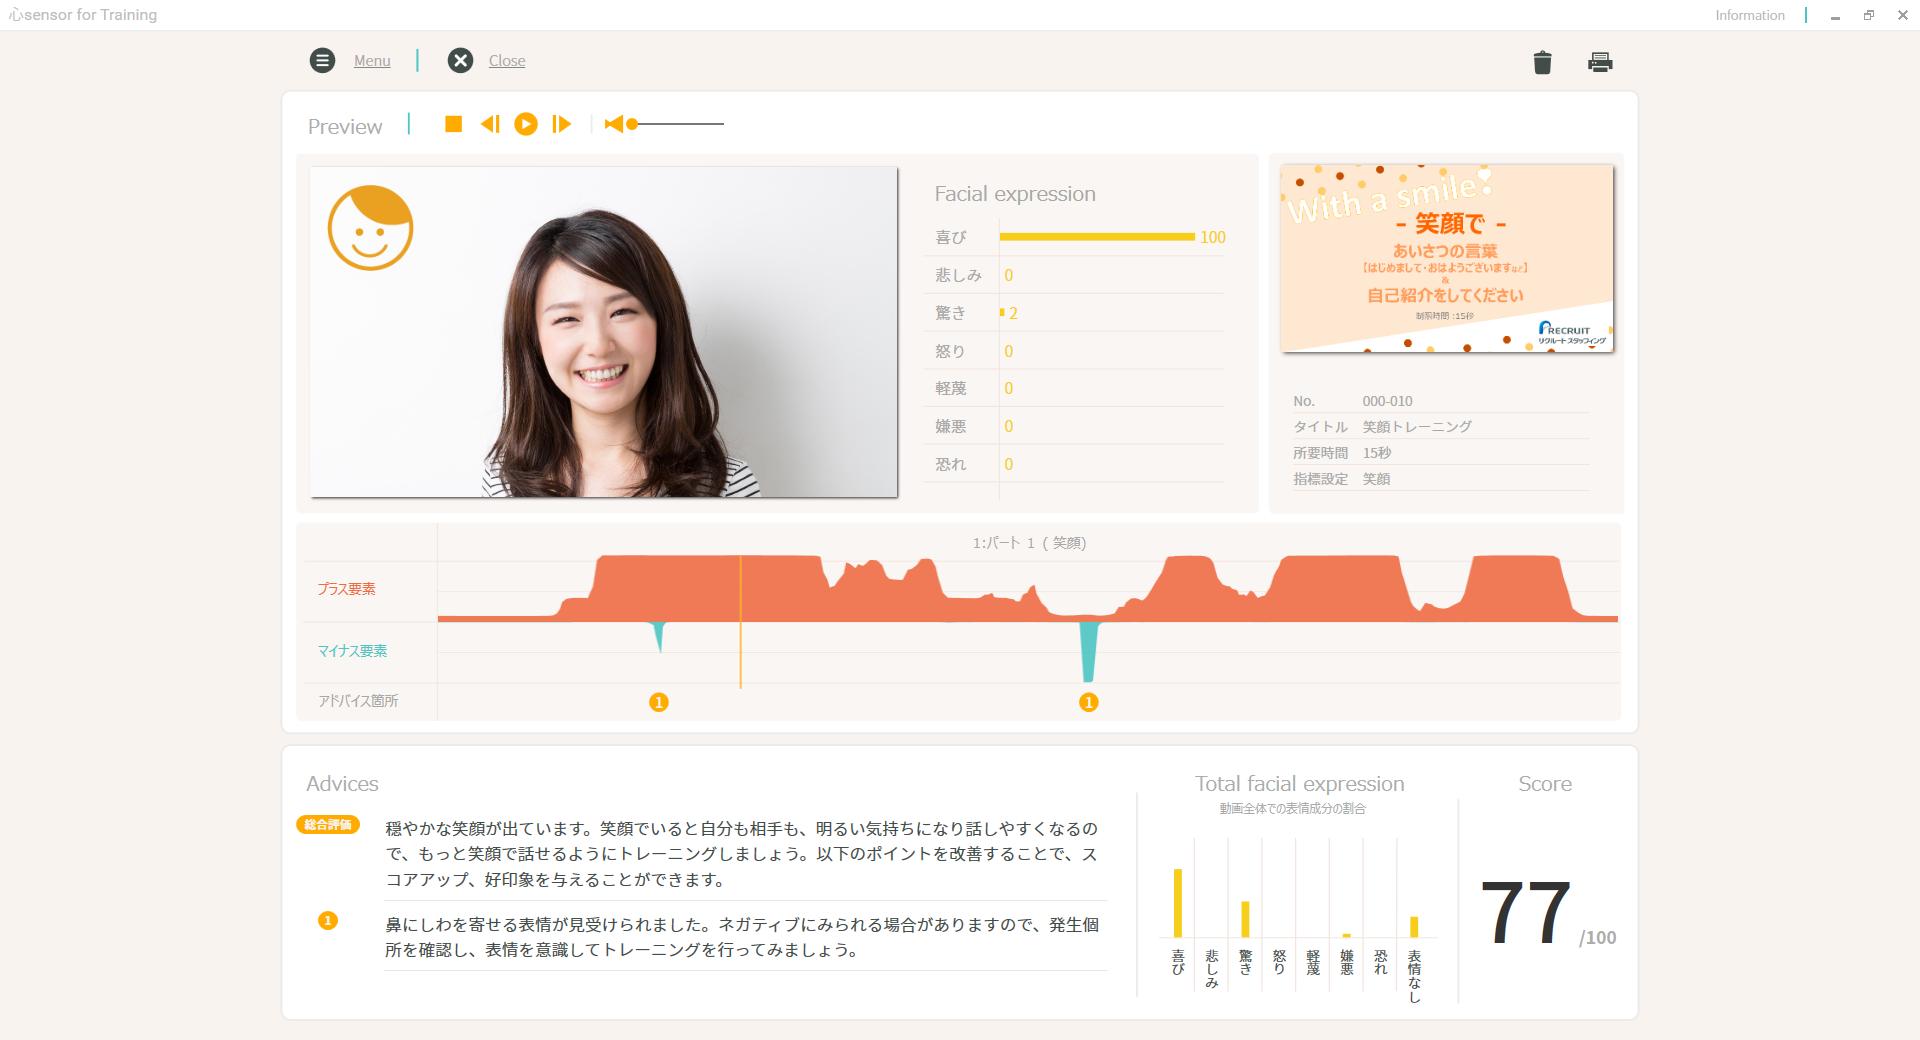 リクルートスタッフィング様 研修での表情トレーニングに心sensor for Trainingを採用のサムネイル